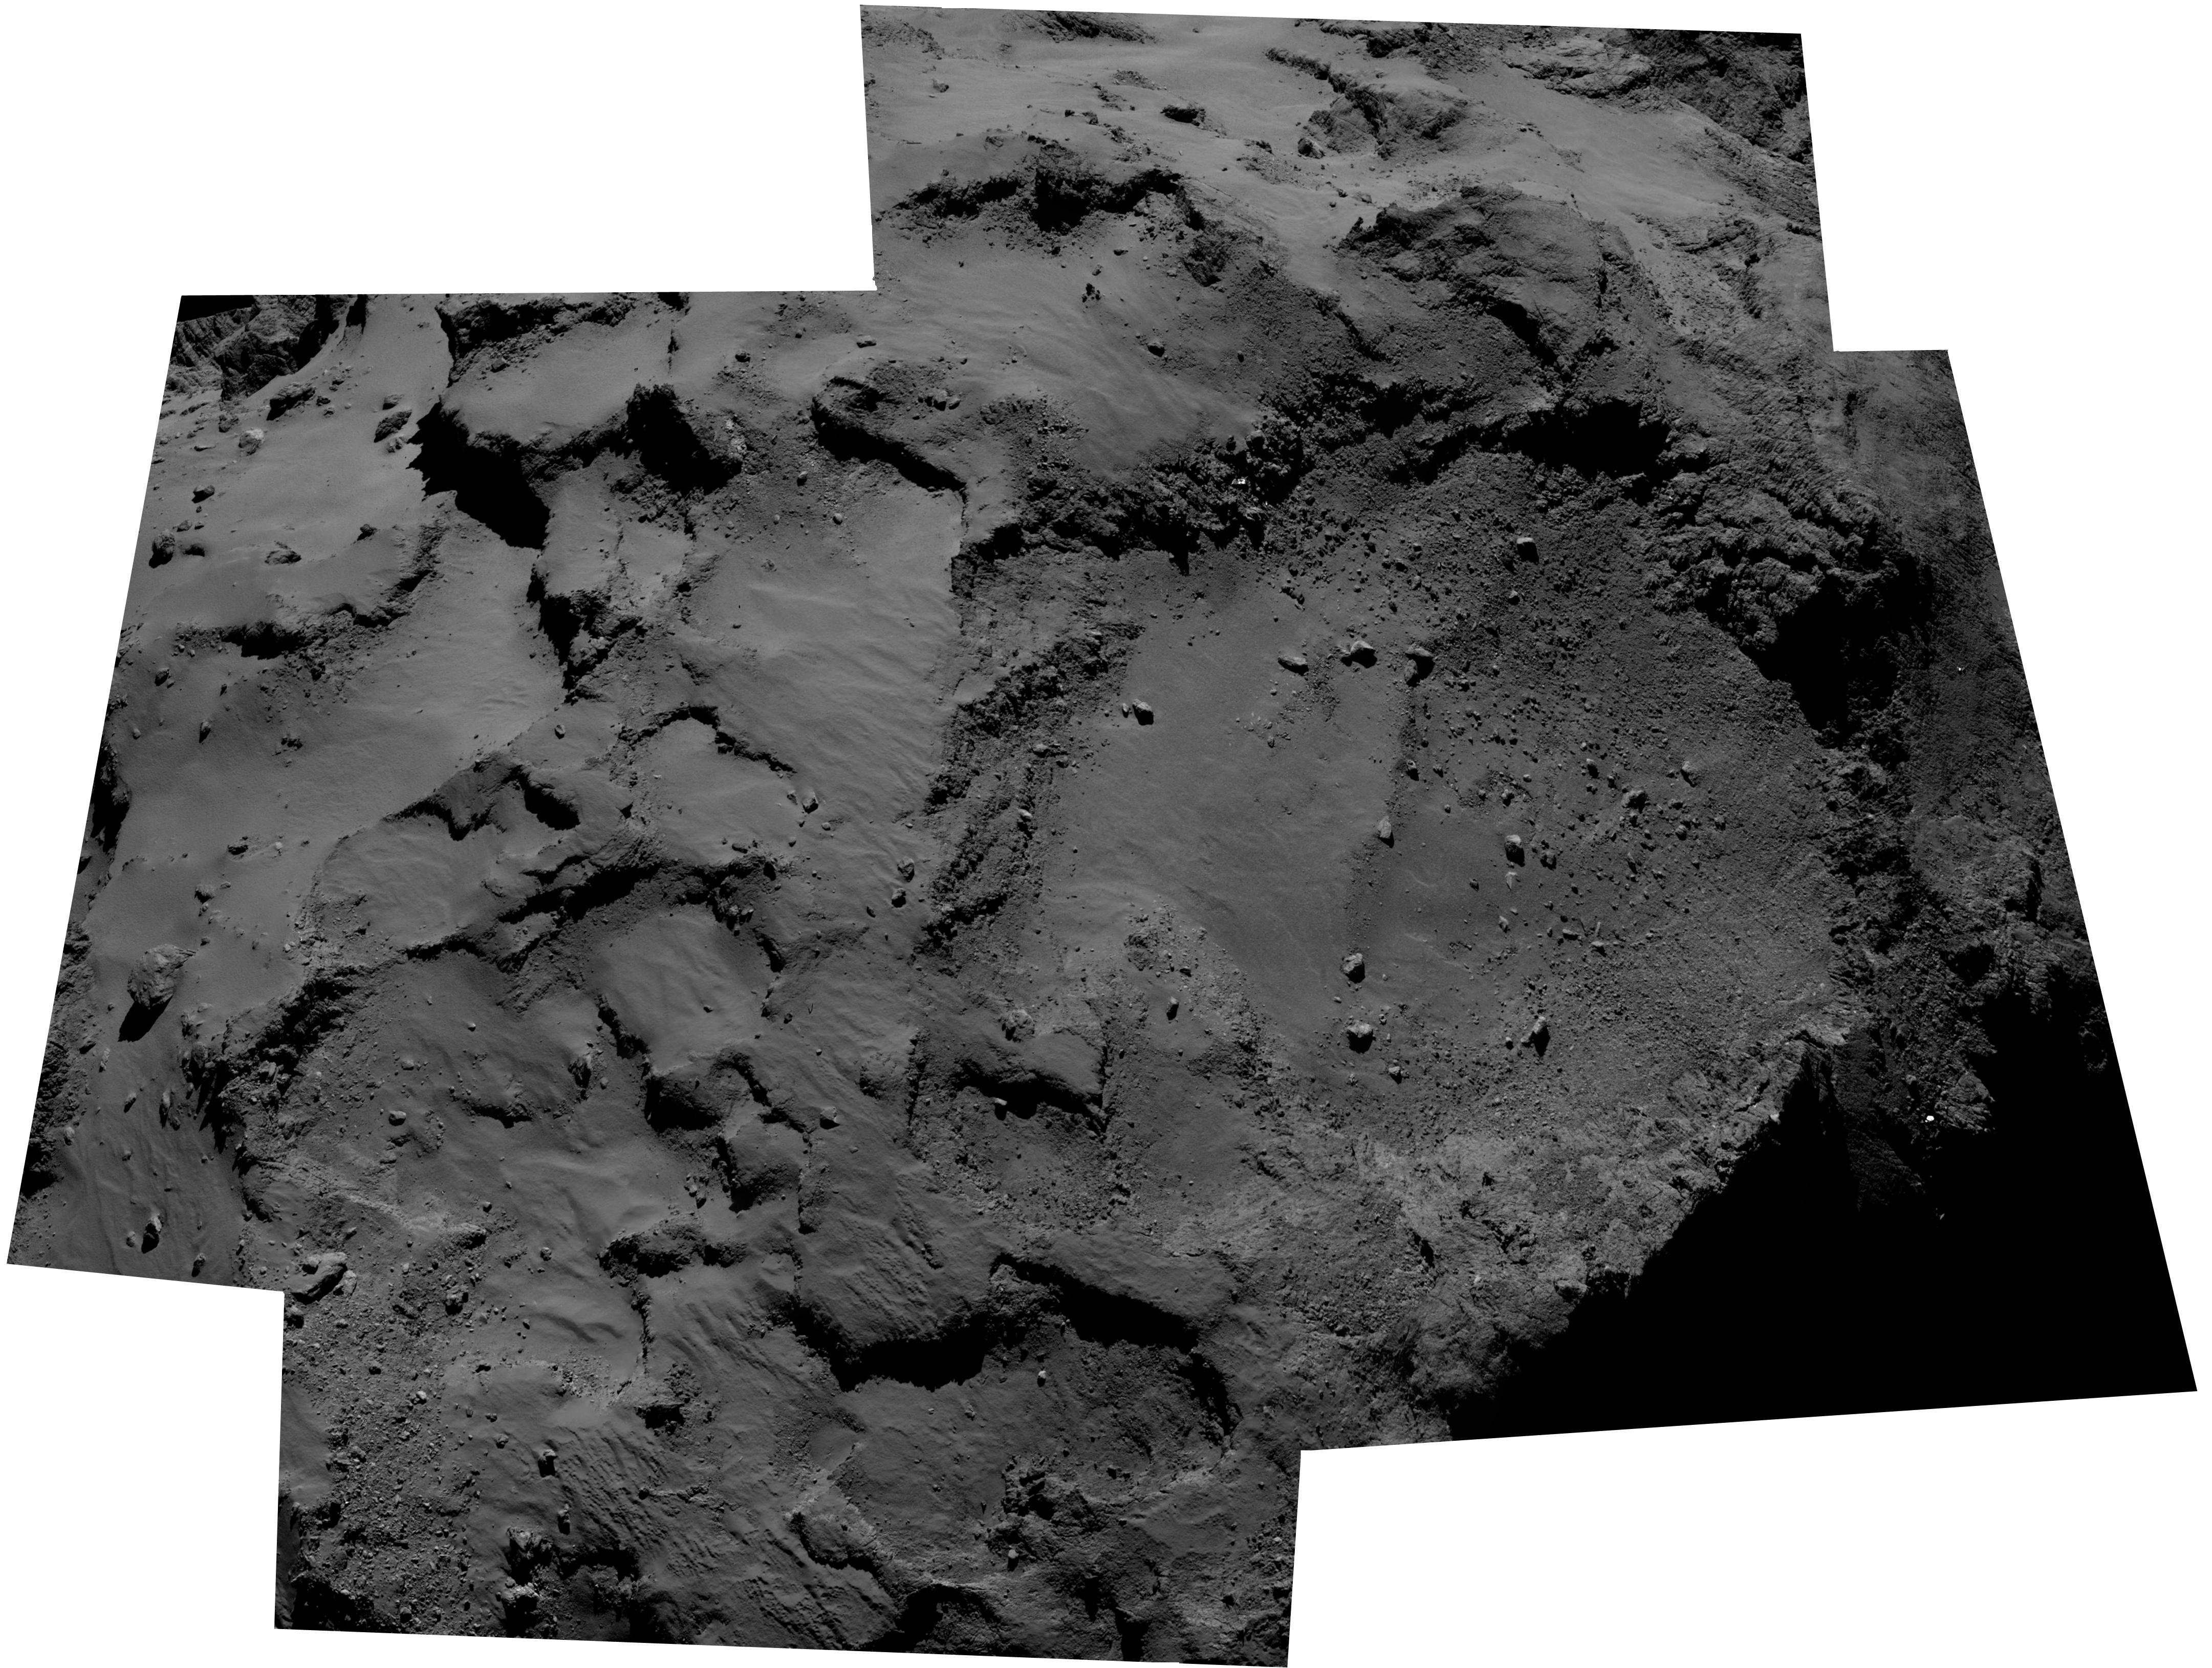 1567215560709-Rosetta_OSIRIS_Agilkia_LaForgia_Fig2_unannotated.jpg